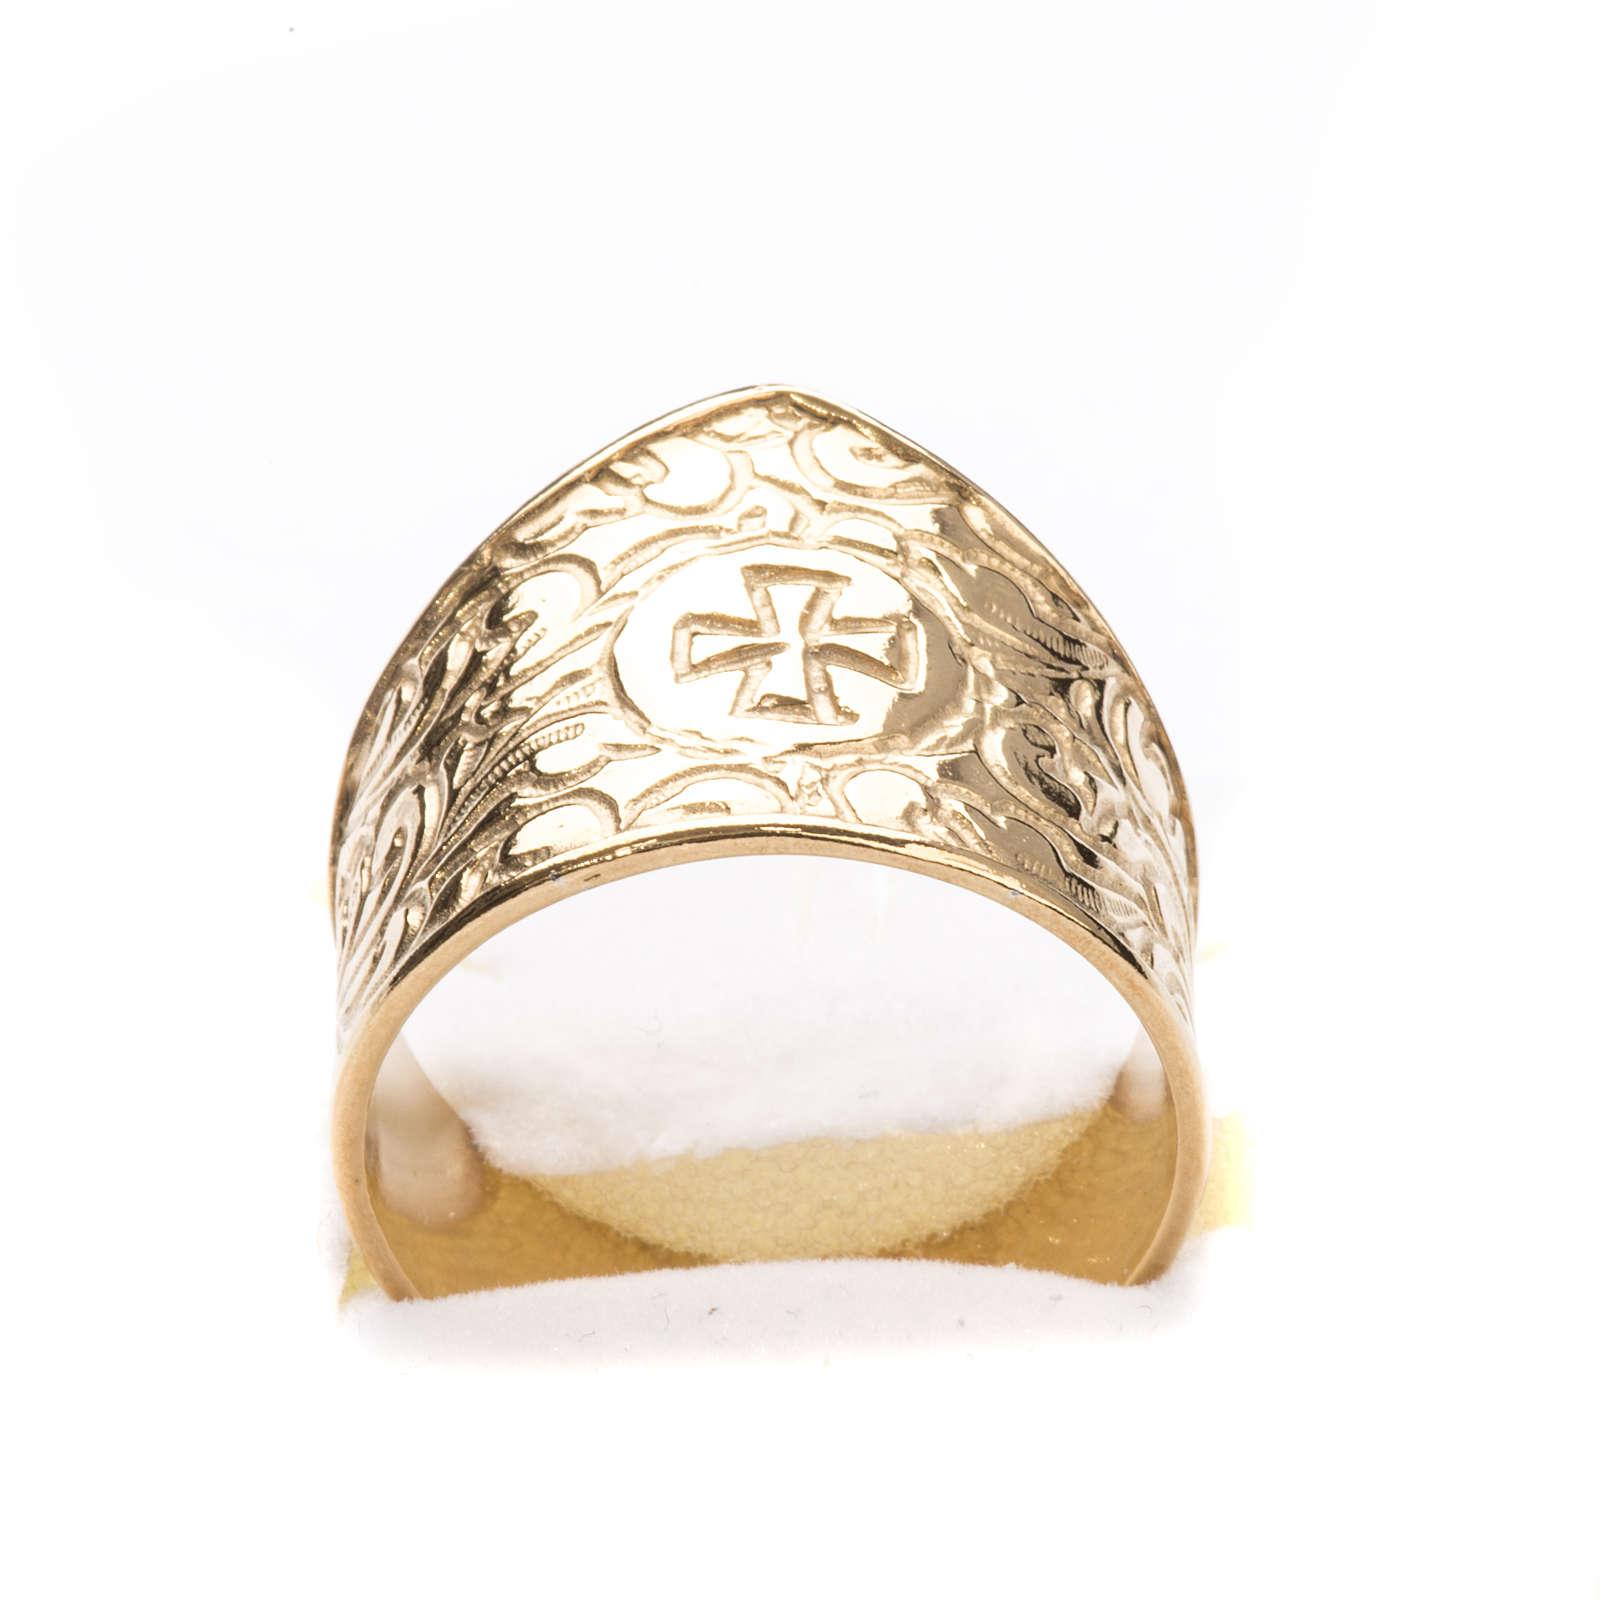 Anello per vescovi argento 925 dorato croce 3